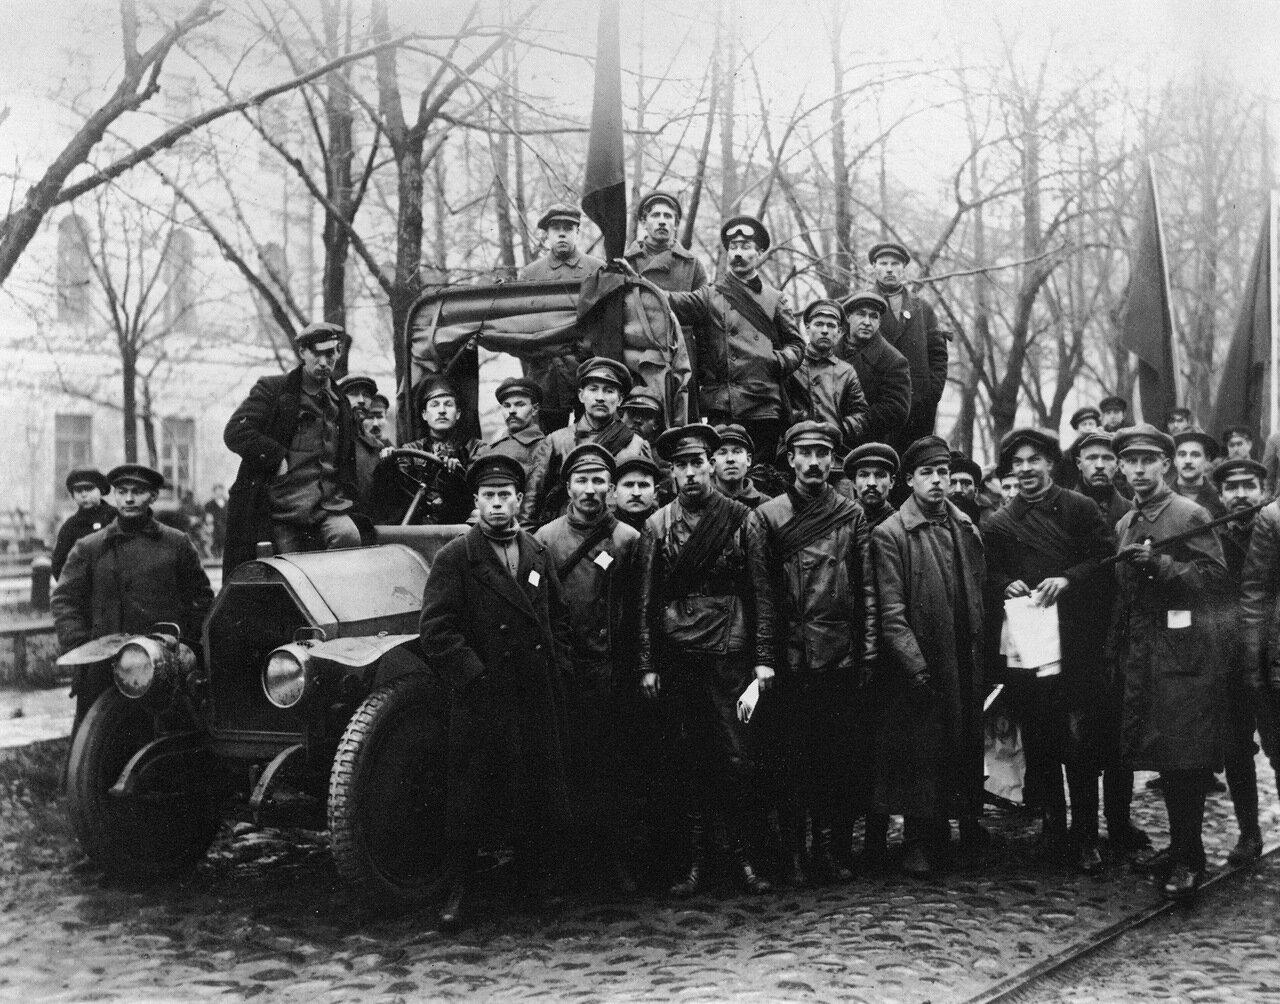 1917. Отряд красногвардейцев. Петроград.